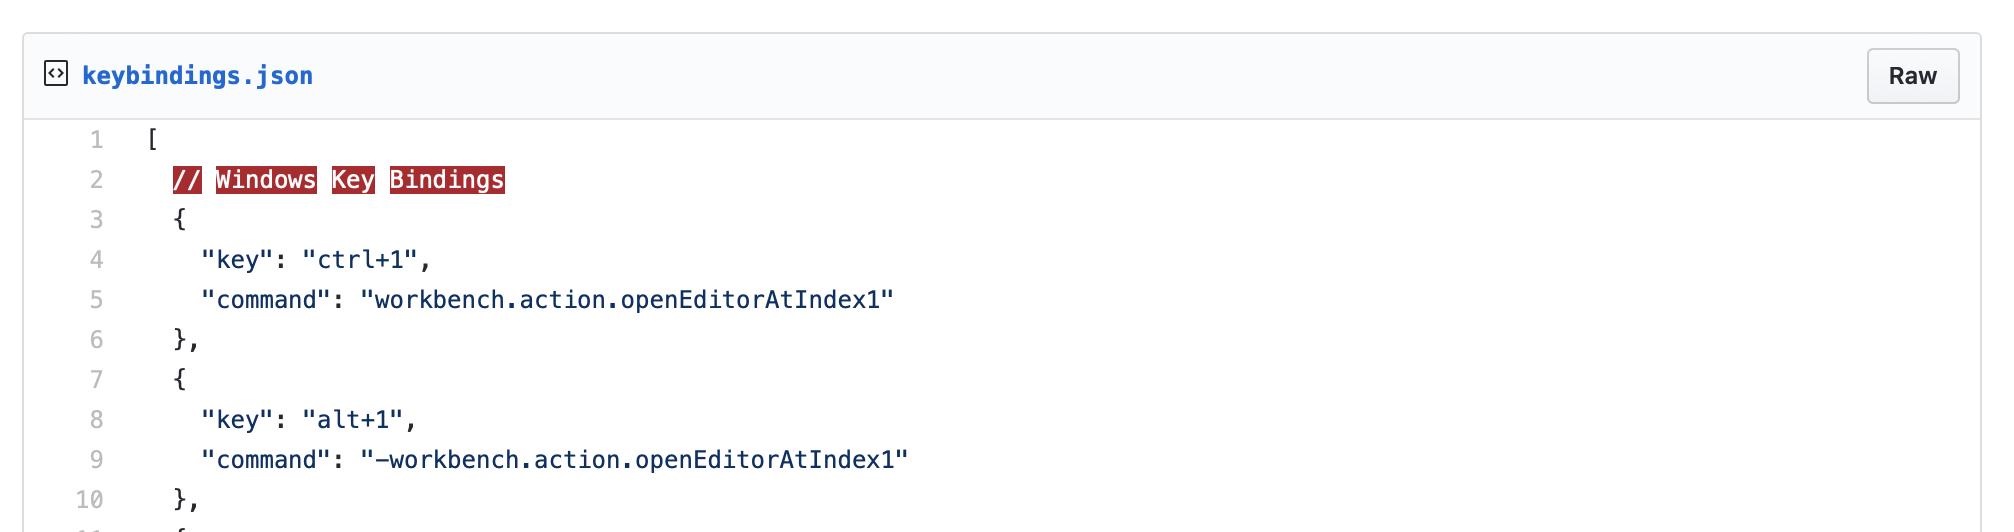 Las combinaciones de teclas de Windows utilizan un archivo llamado keyBindings.json